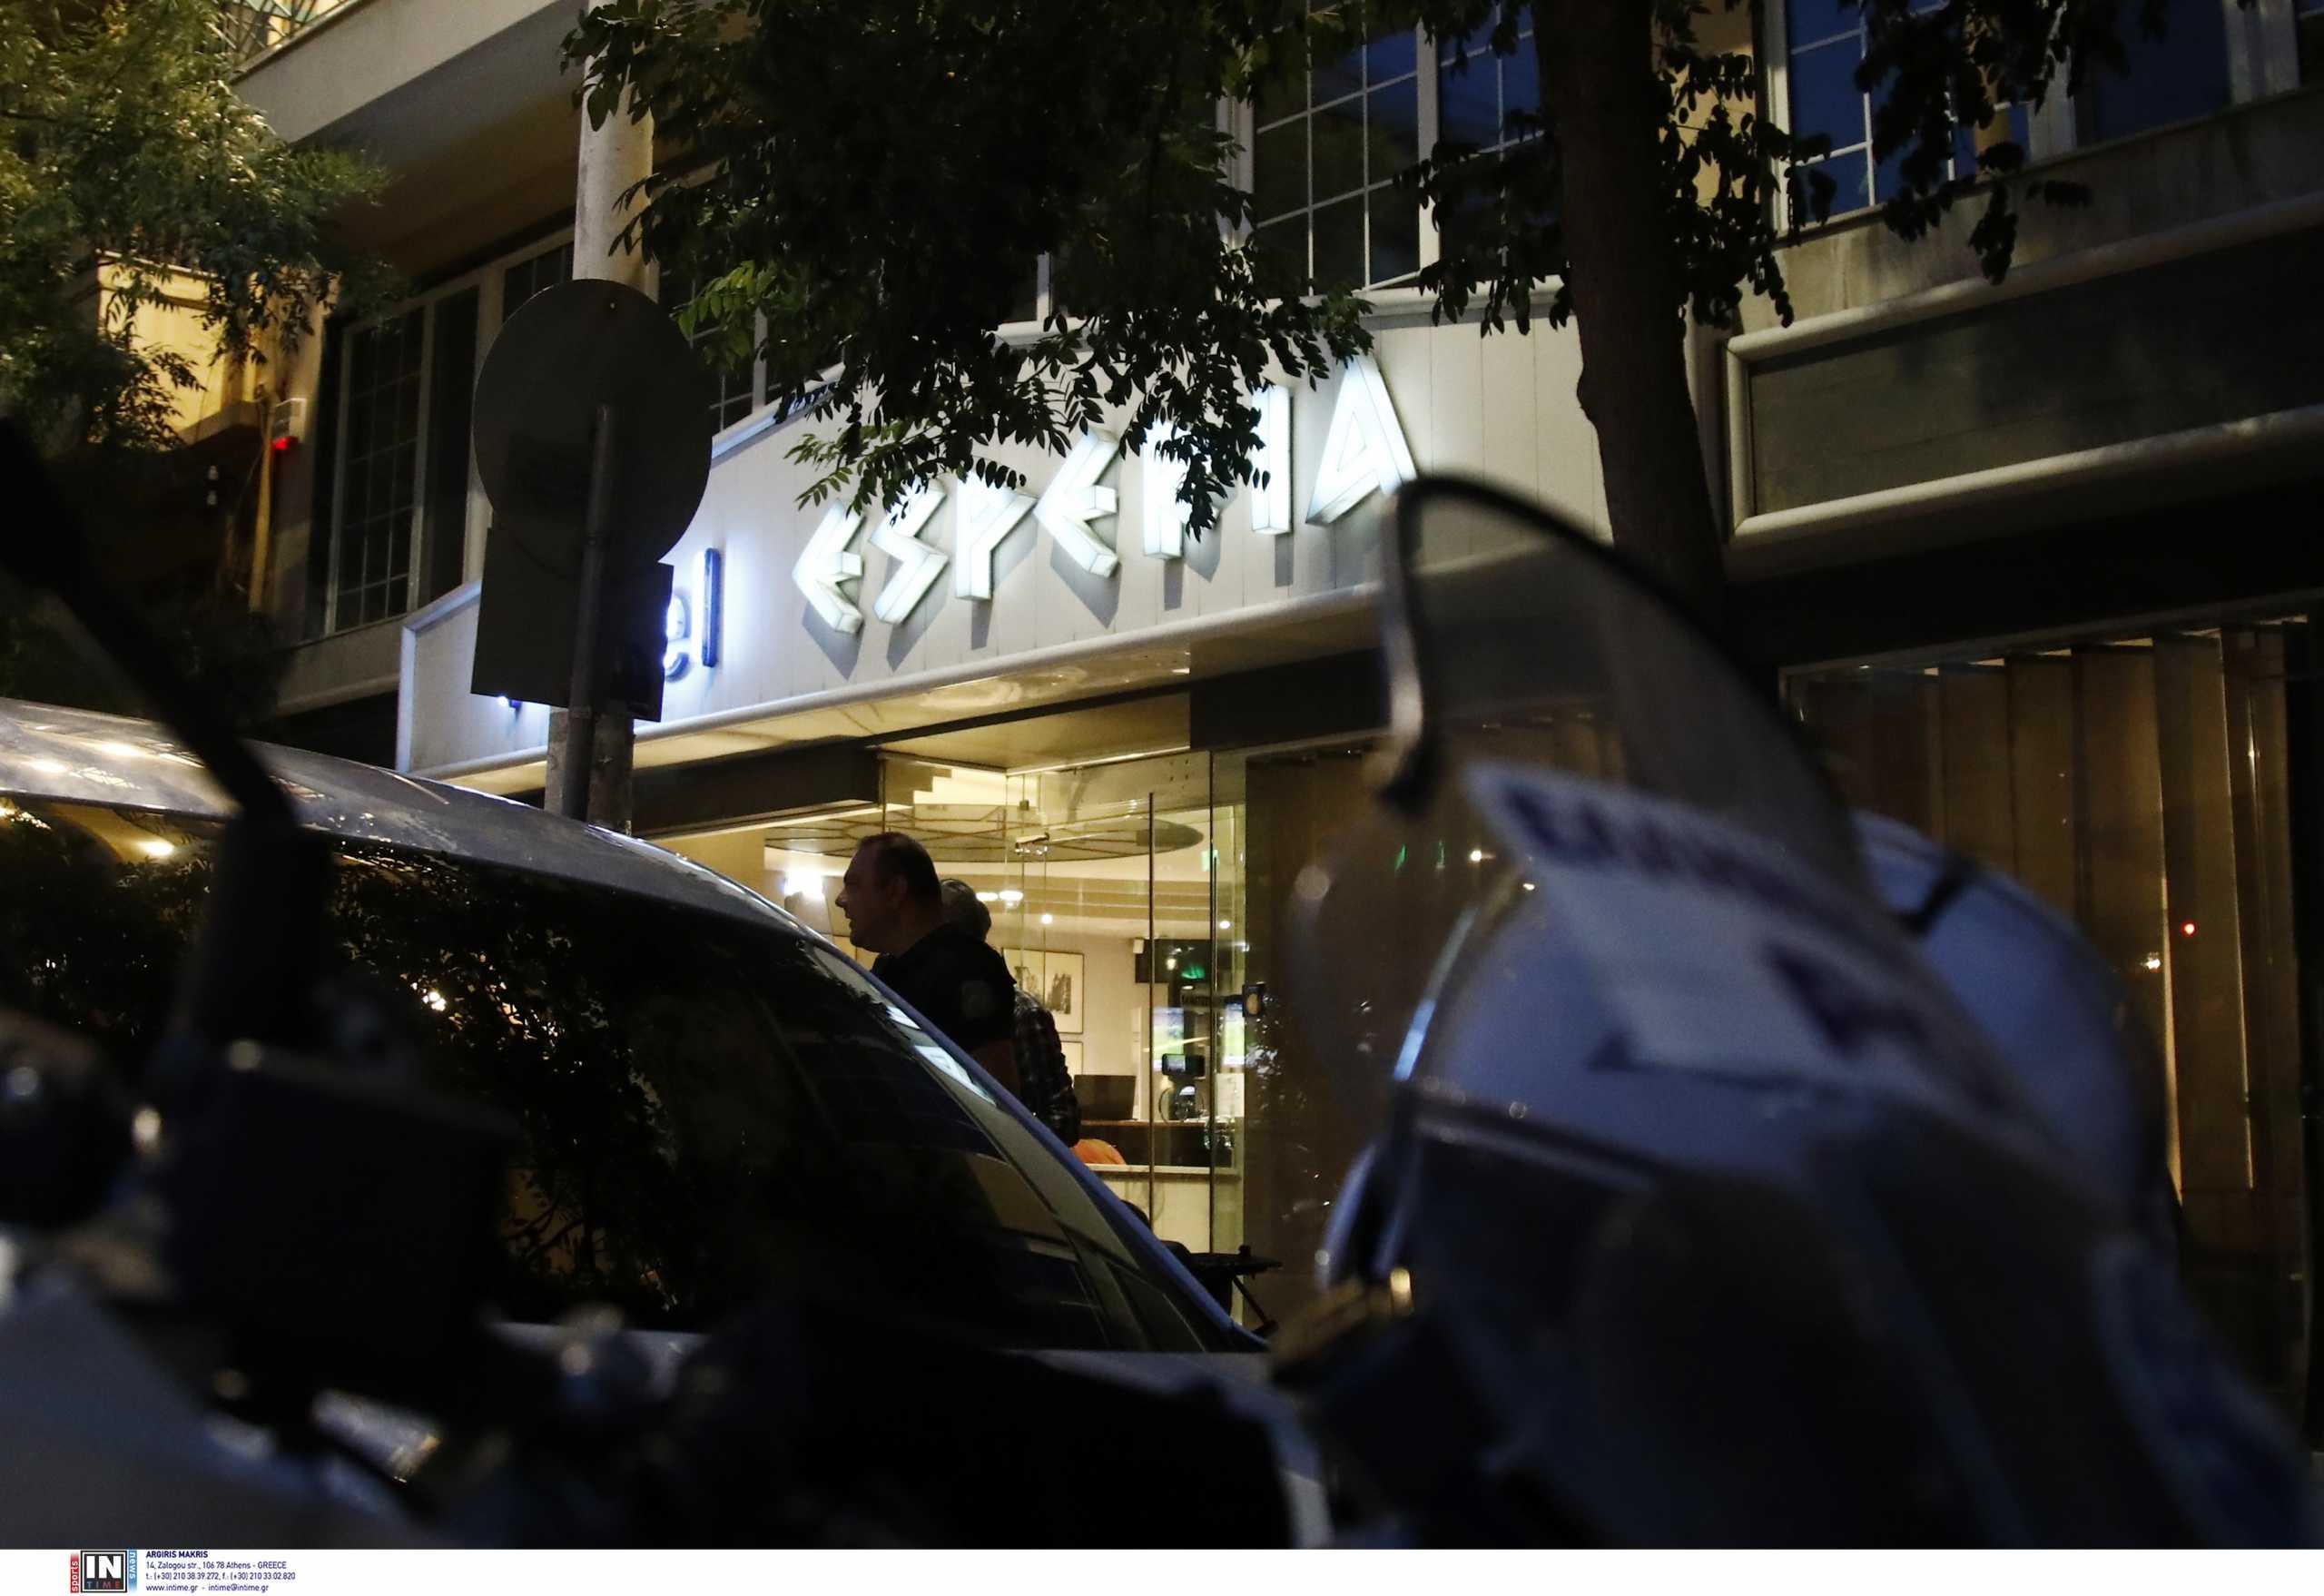 Θεσσαλονίκη: Έρευνες της Αστυνομίας σε τουλάχιστον 10 ξενοδοχεία μετά από  email για τοποθέτηση βόμβας